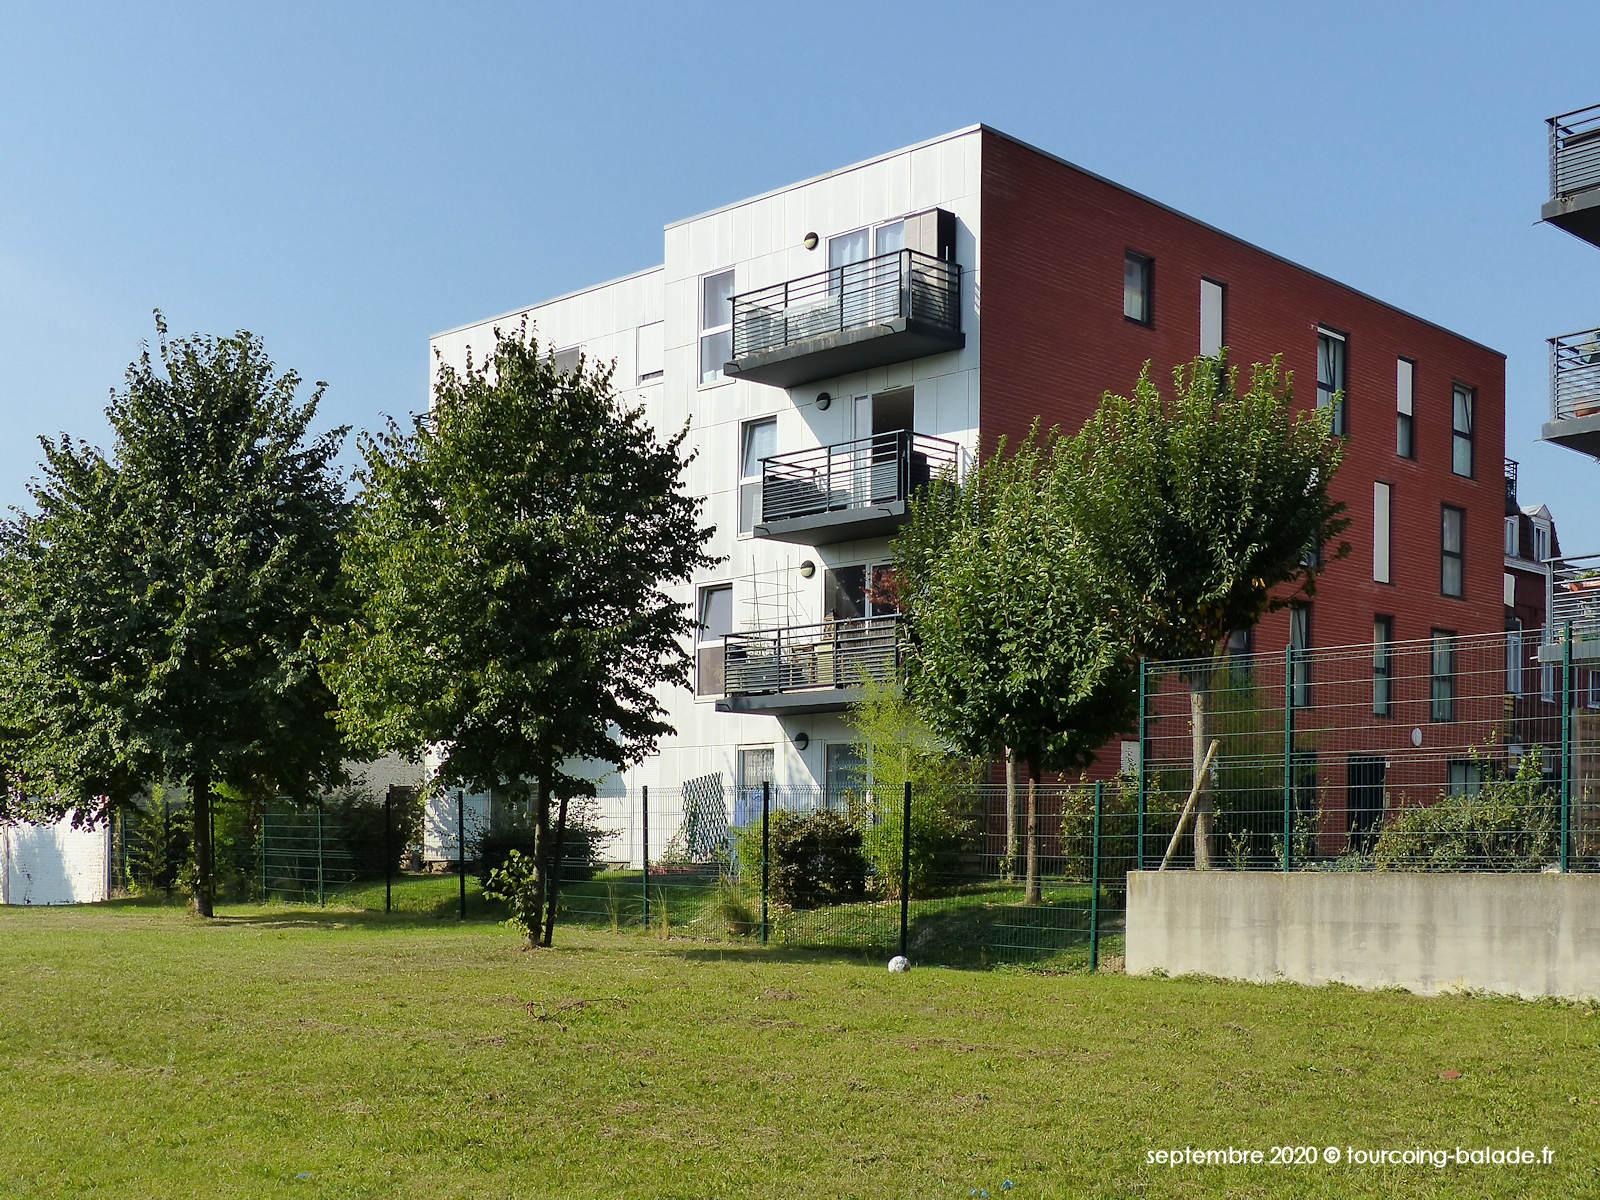 Logements HLM Pierre de Guethem, Tourcoing 2020